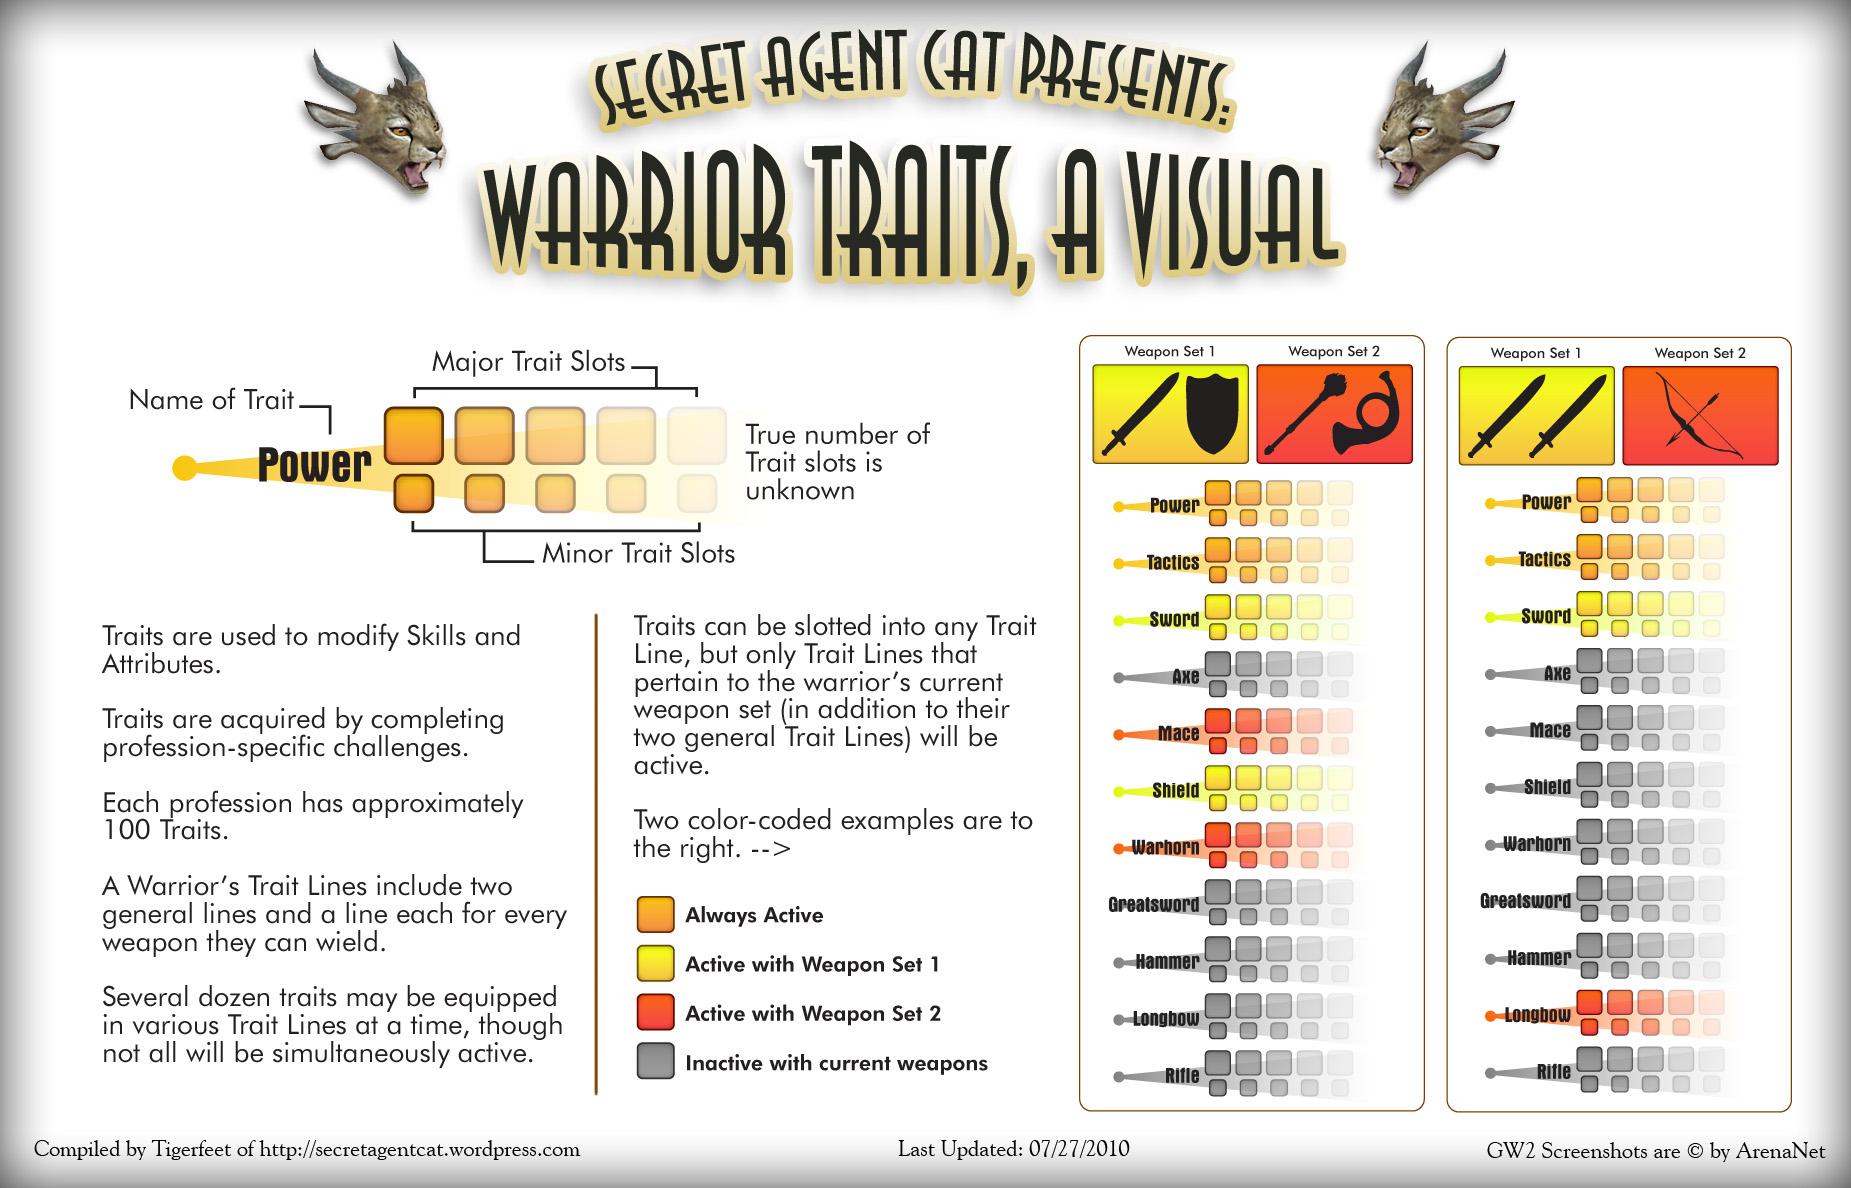 SAC GW2 Guides | Secret Agent Cat